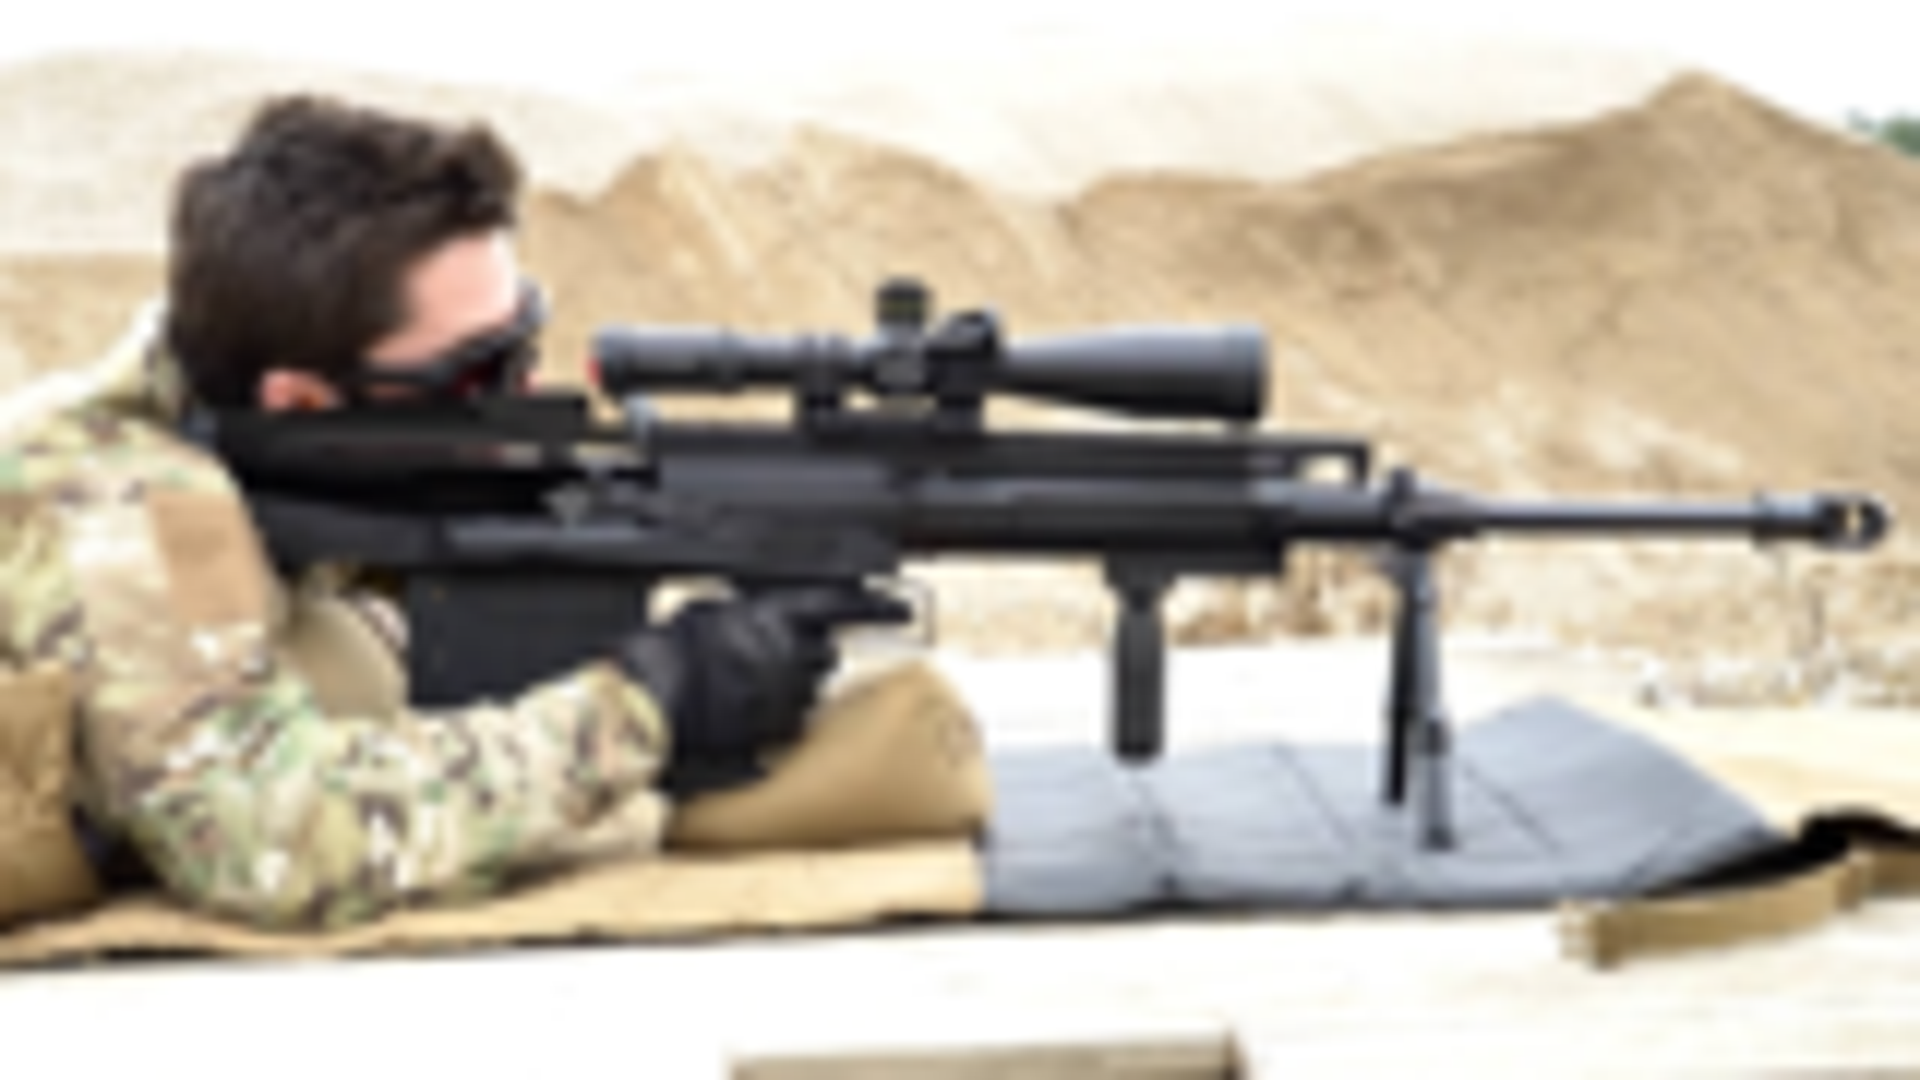 匈牙利山猫GM6反器材步枪射击